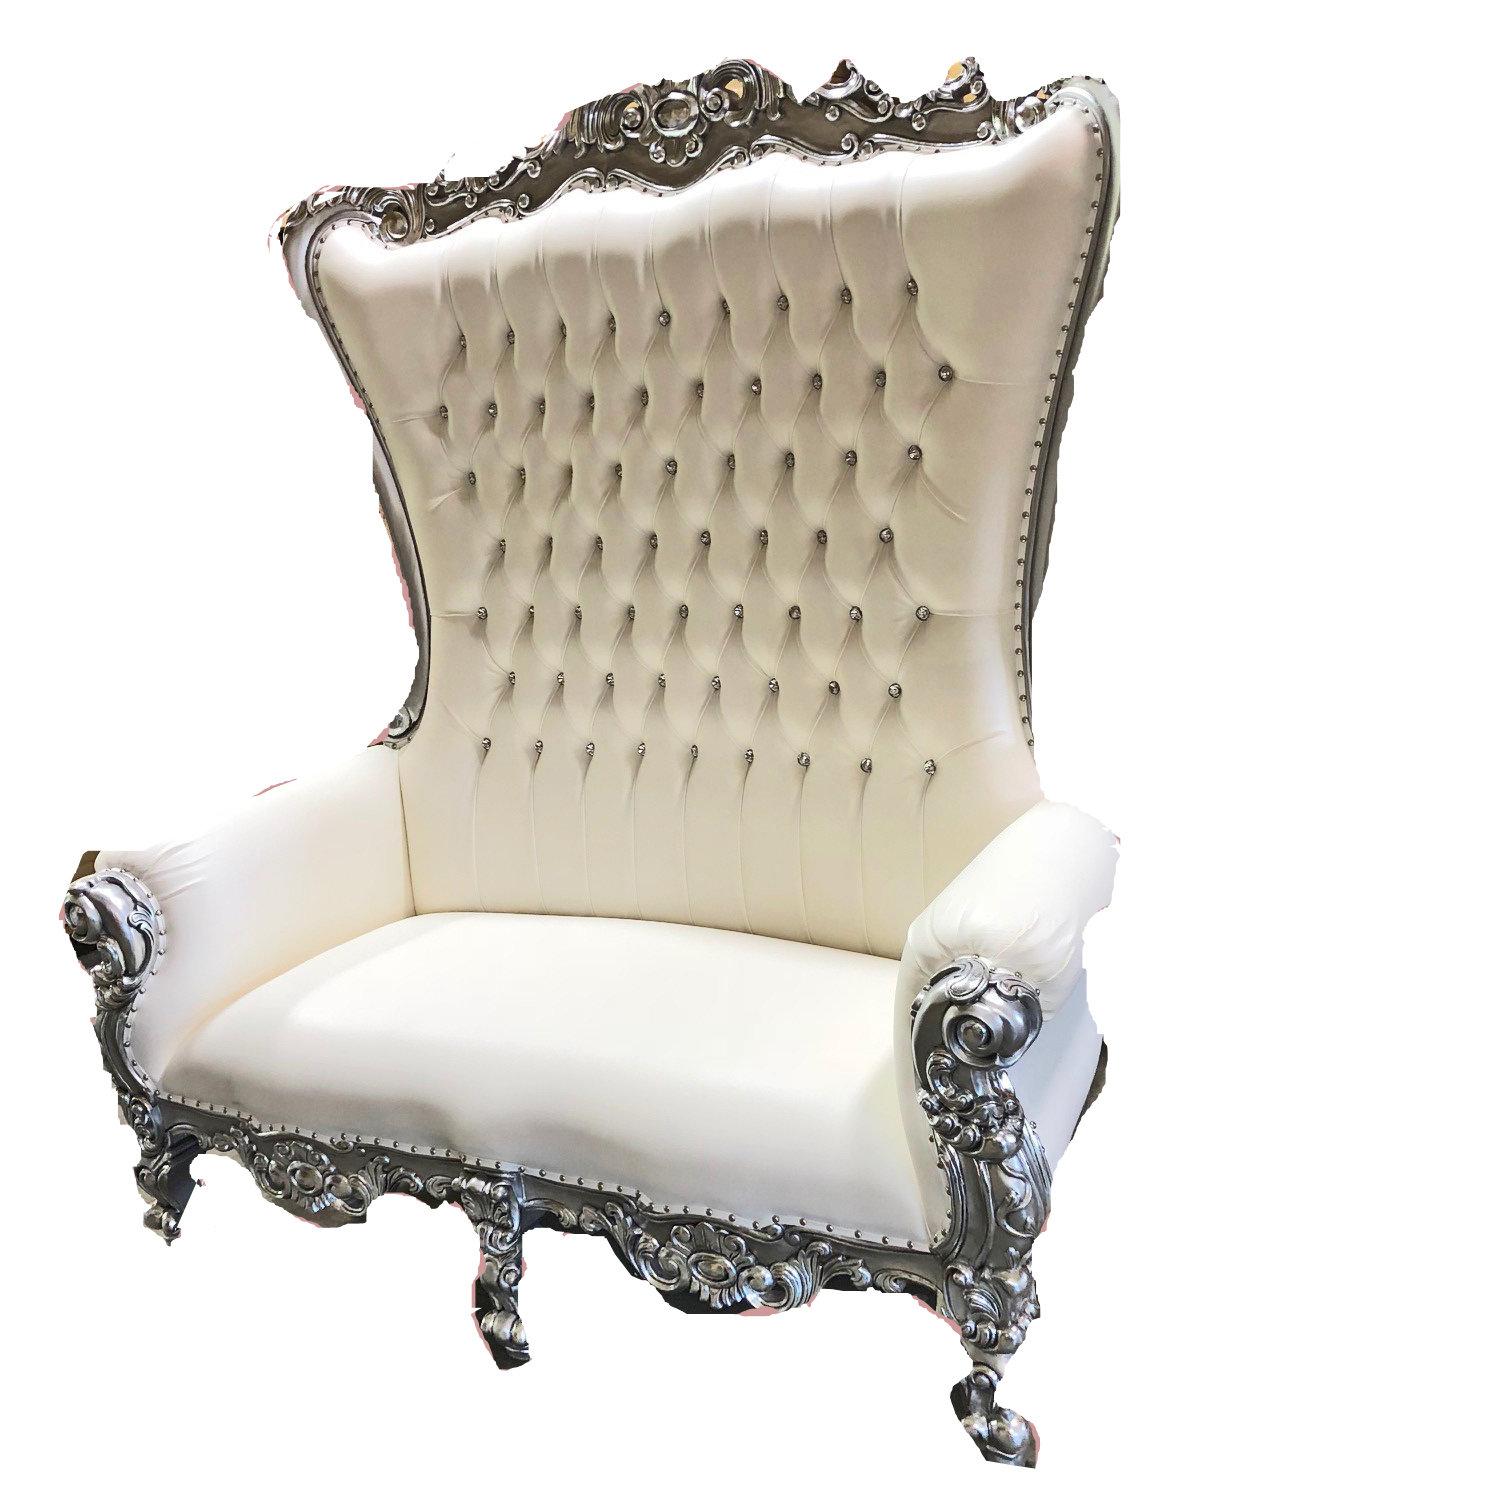 High Back Queen Throne Chair - White & Silver High Back Queen Throne Chair - White & Silver